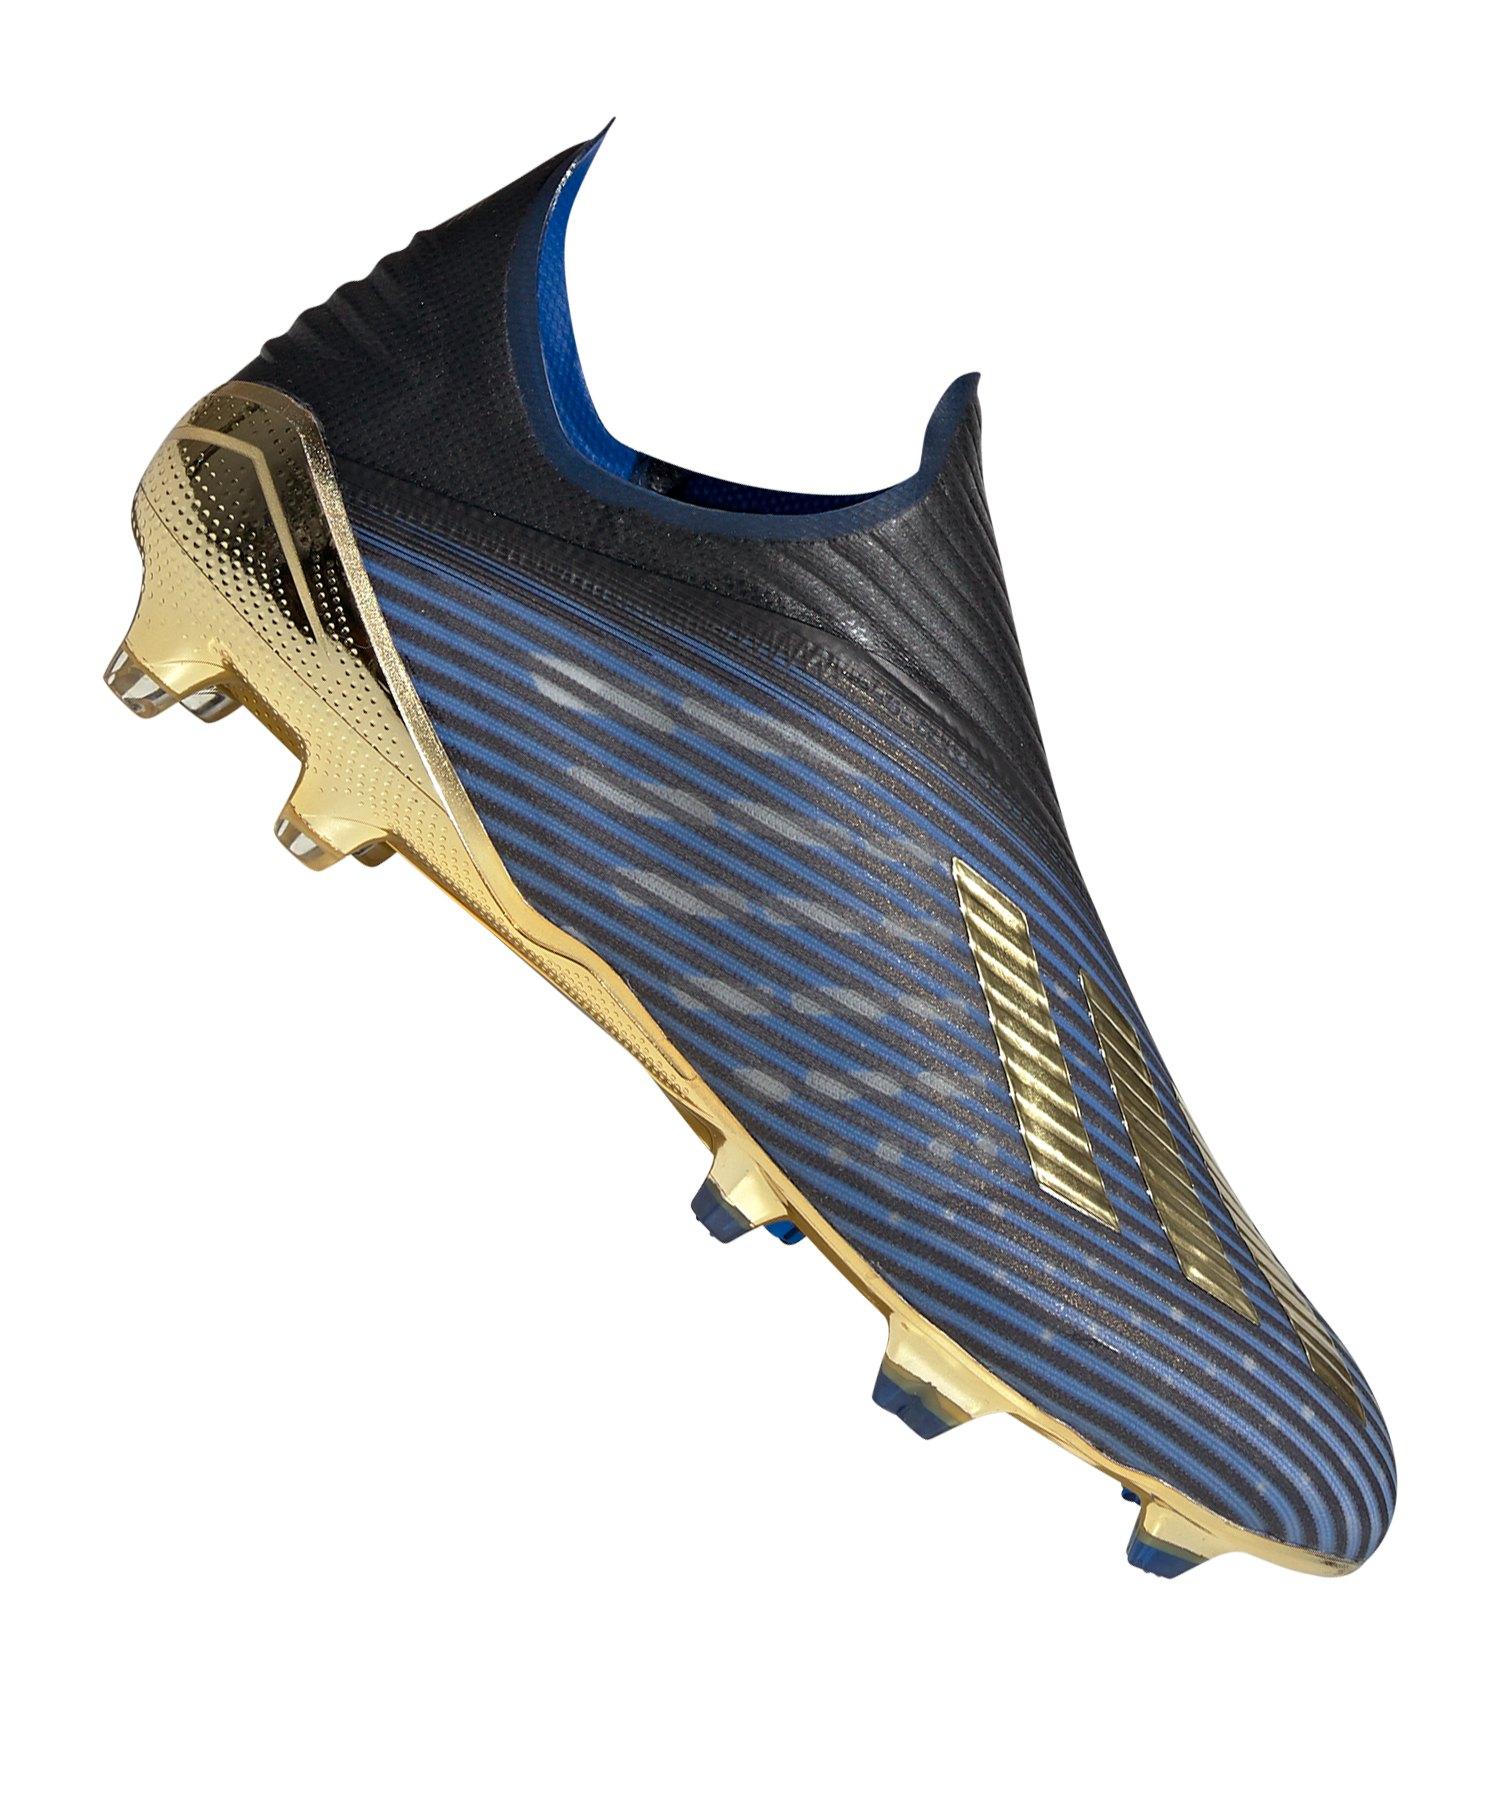 adidas X 19+ FG Blau Gold Schwarz - blau